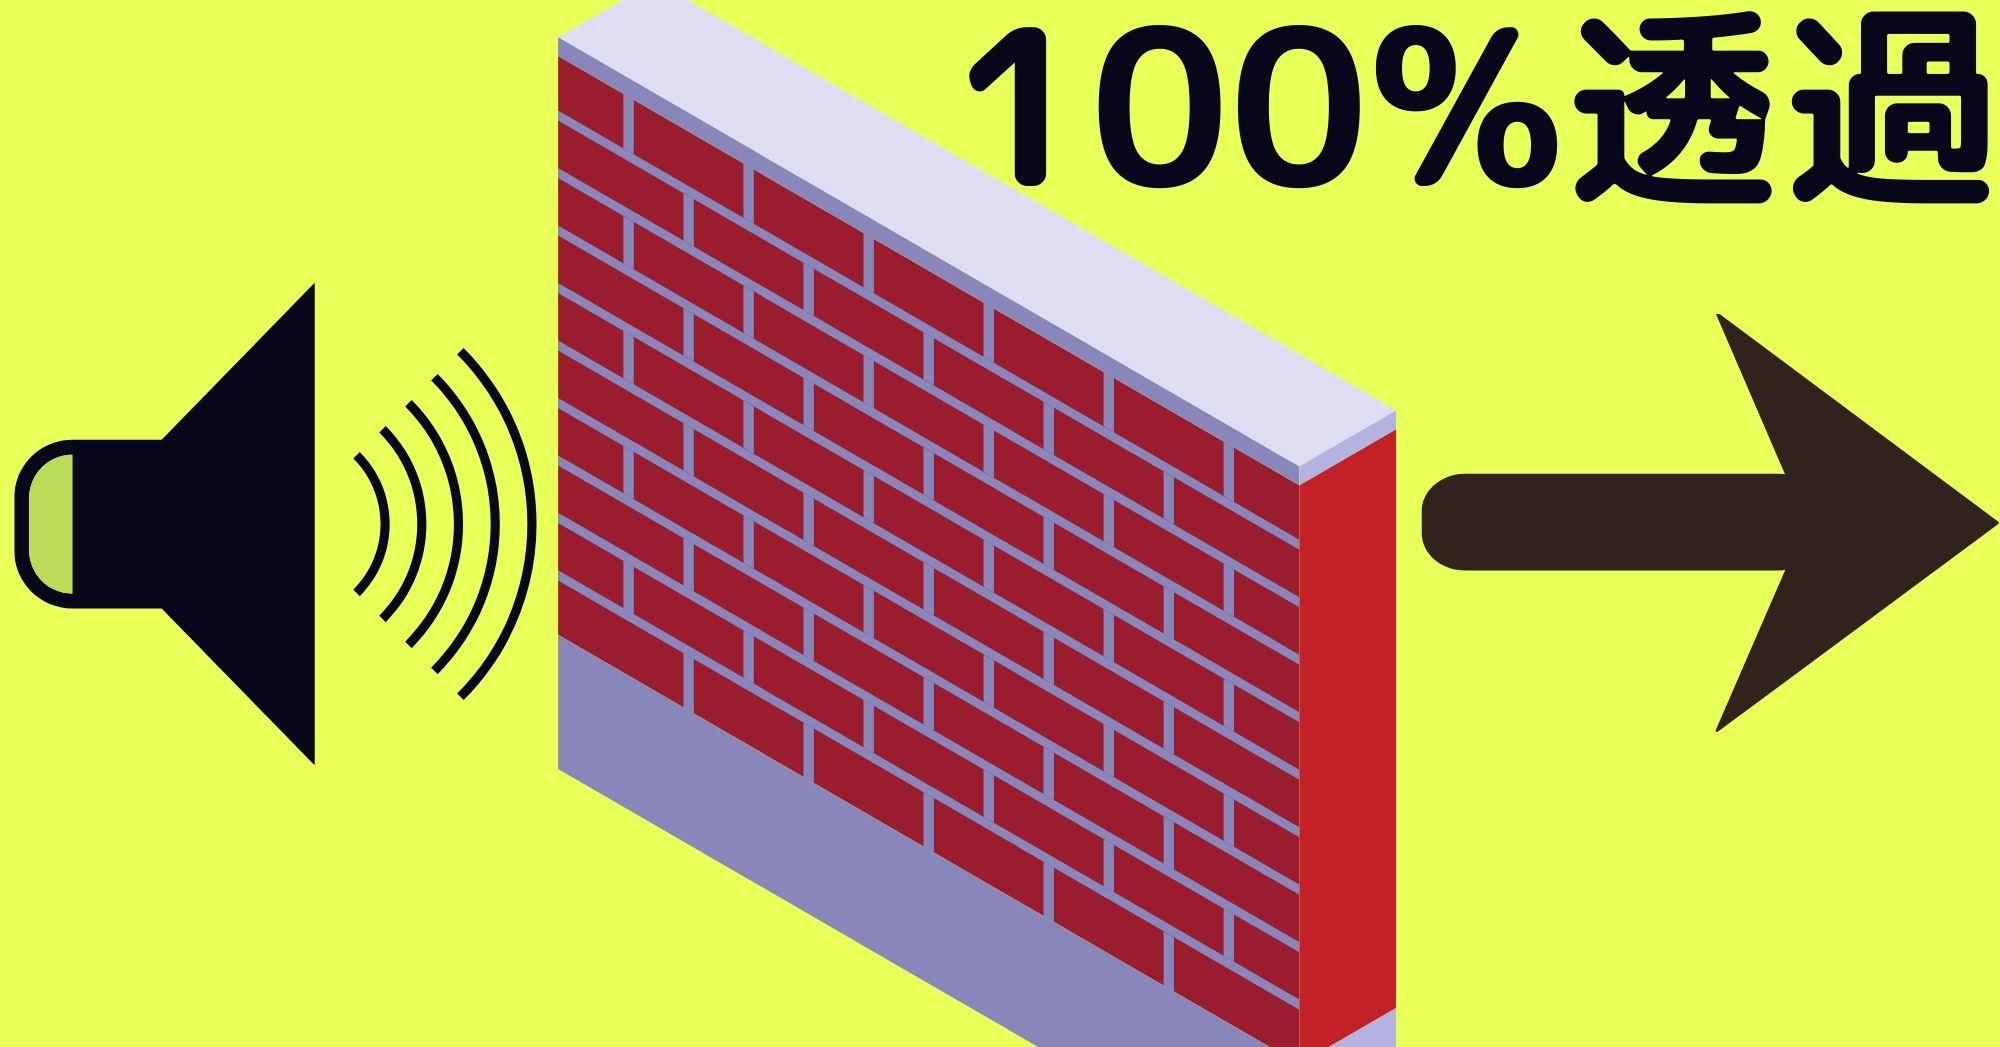 壁にあたって通り抜けても音波が減衰せずに100%の出力で透過する